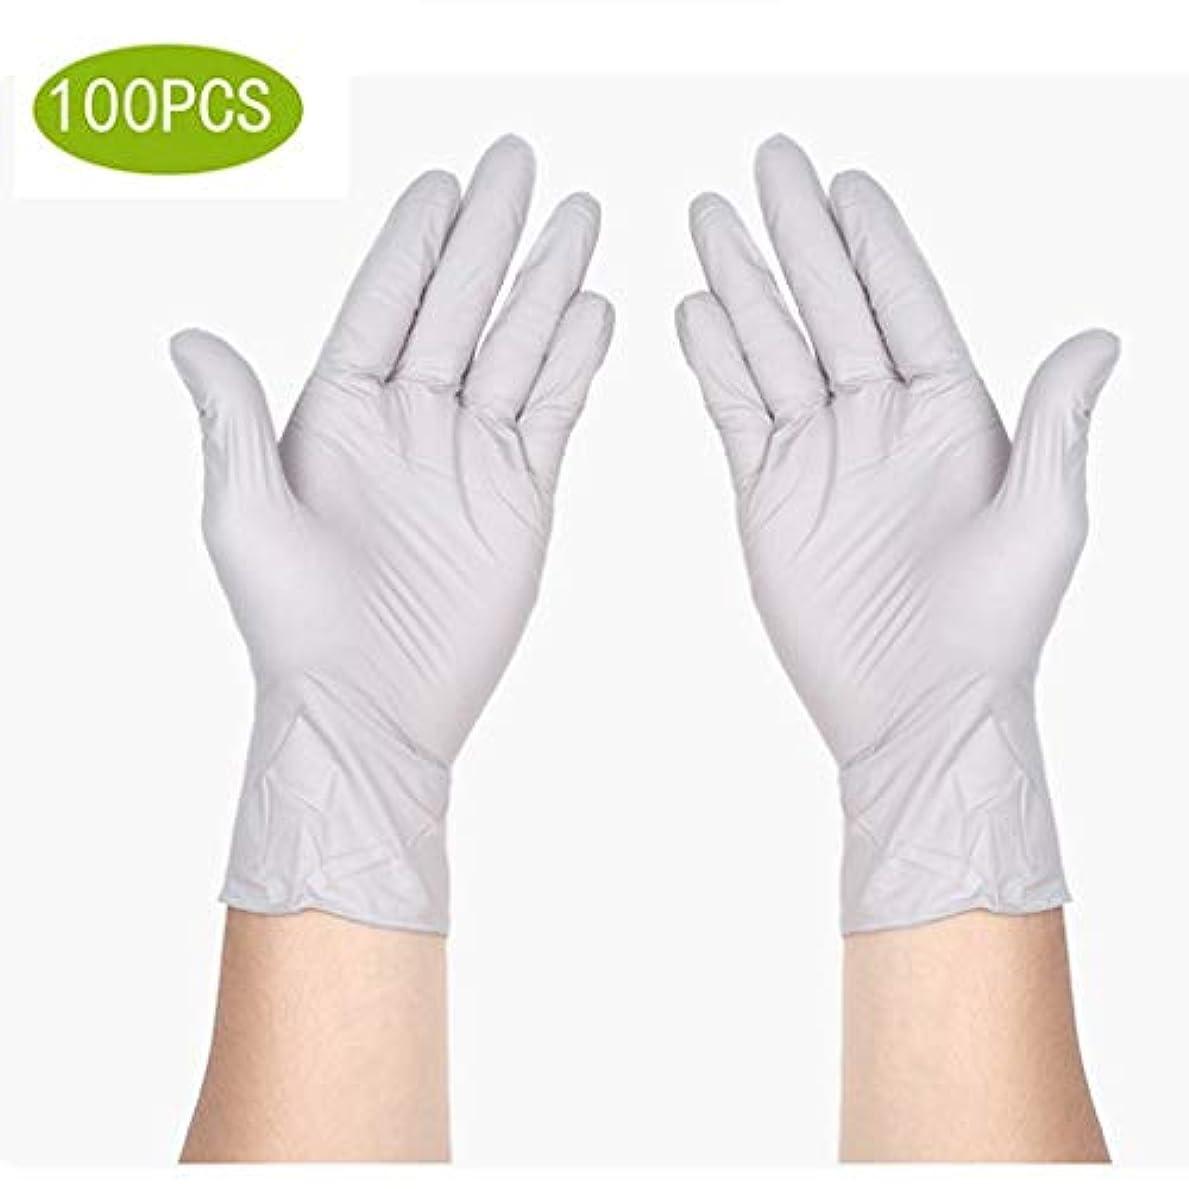 クッション湾孤独サニタリー手袋ニトリル医療グレード試験用手袋、使い捨て、ラテックスフリー、100カウント滅菌使い捨て安全手袋 (Size : L)